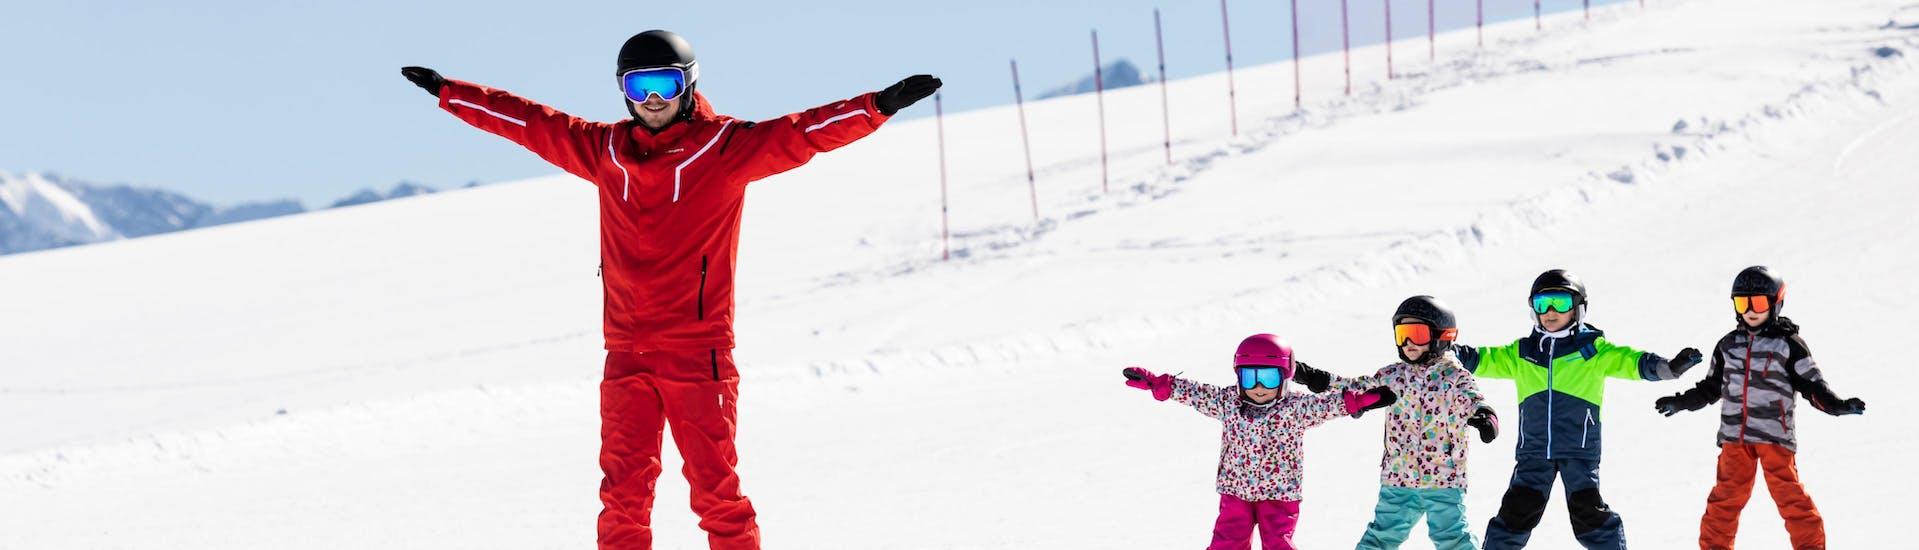 Skischulen und Skikurse (c) CheckYeti